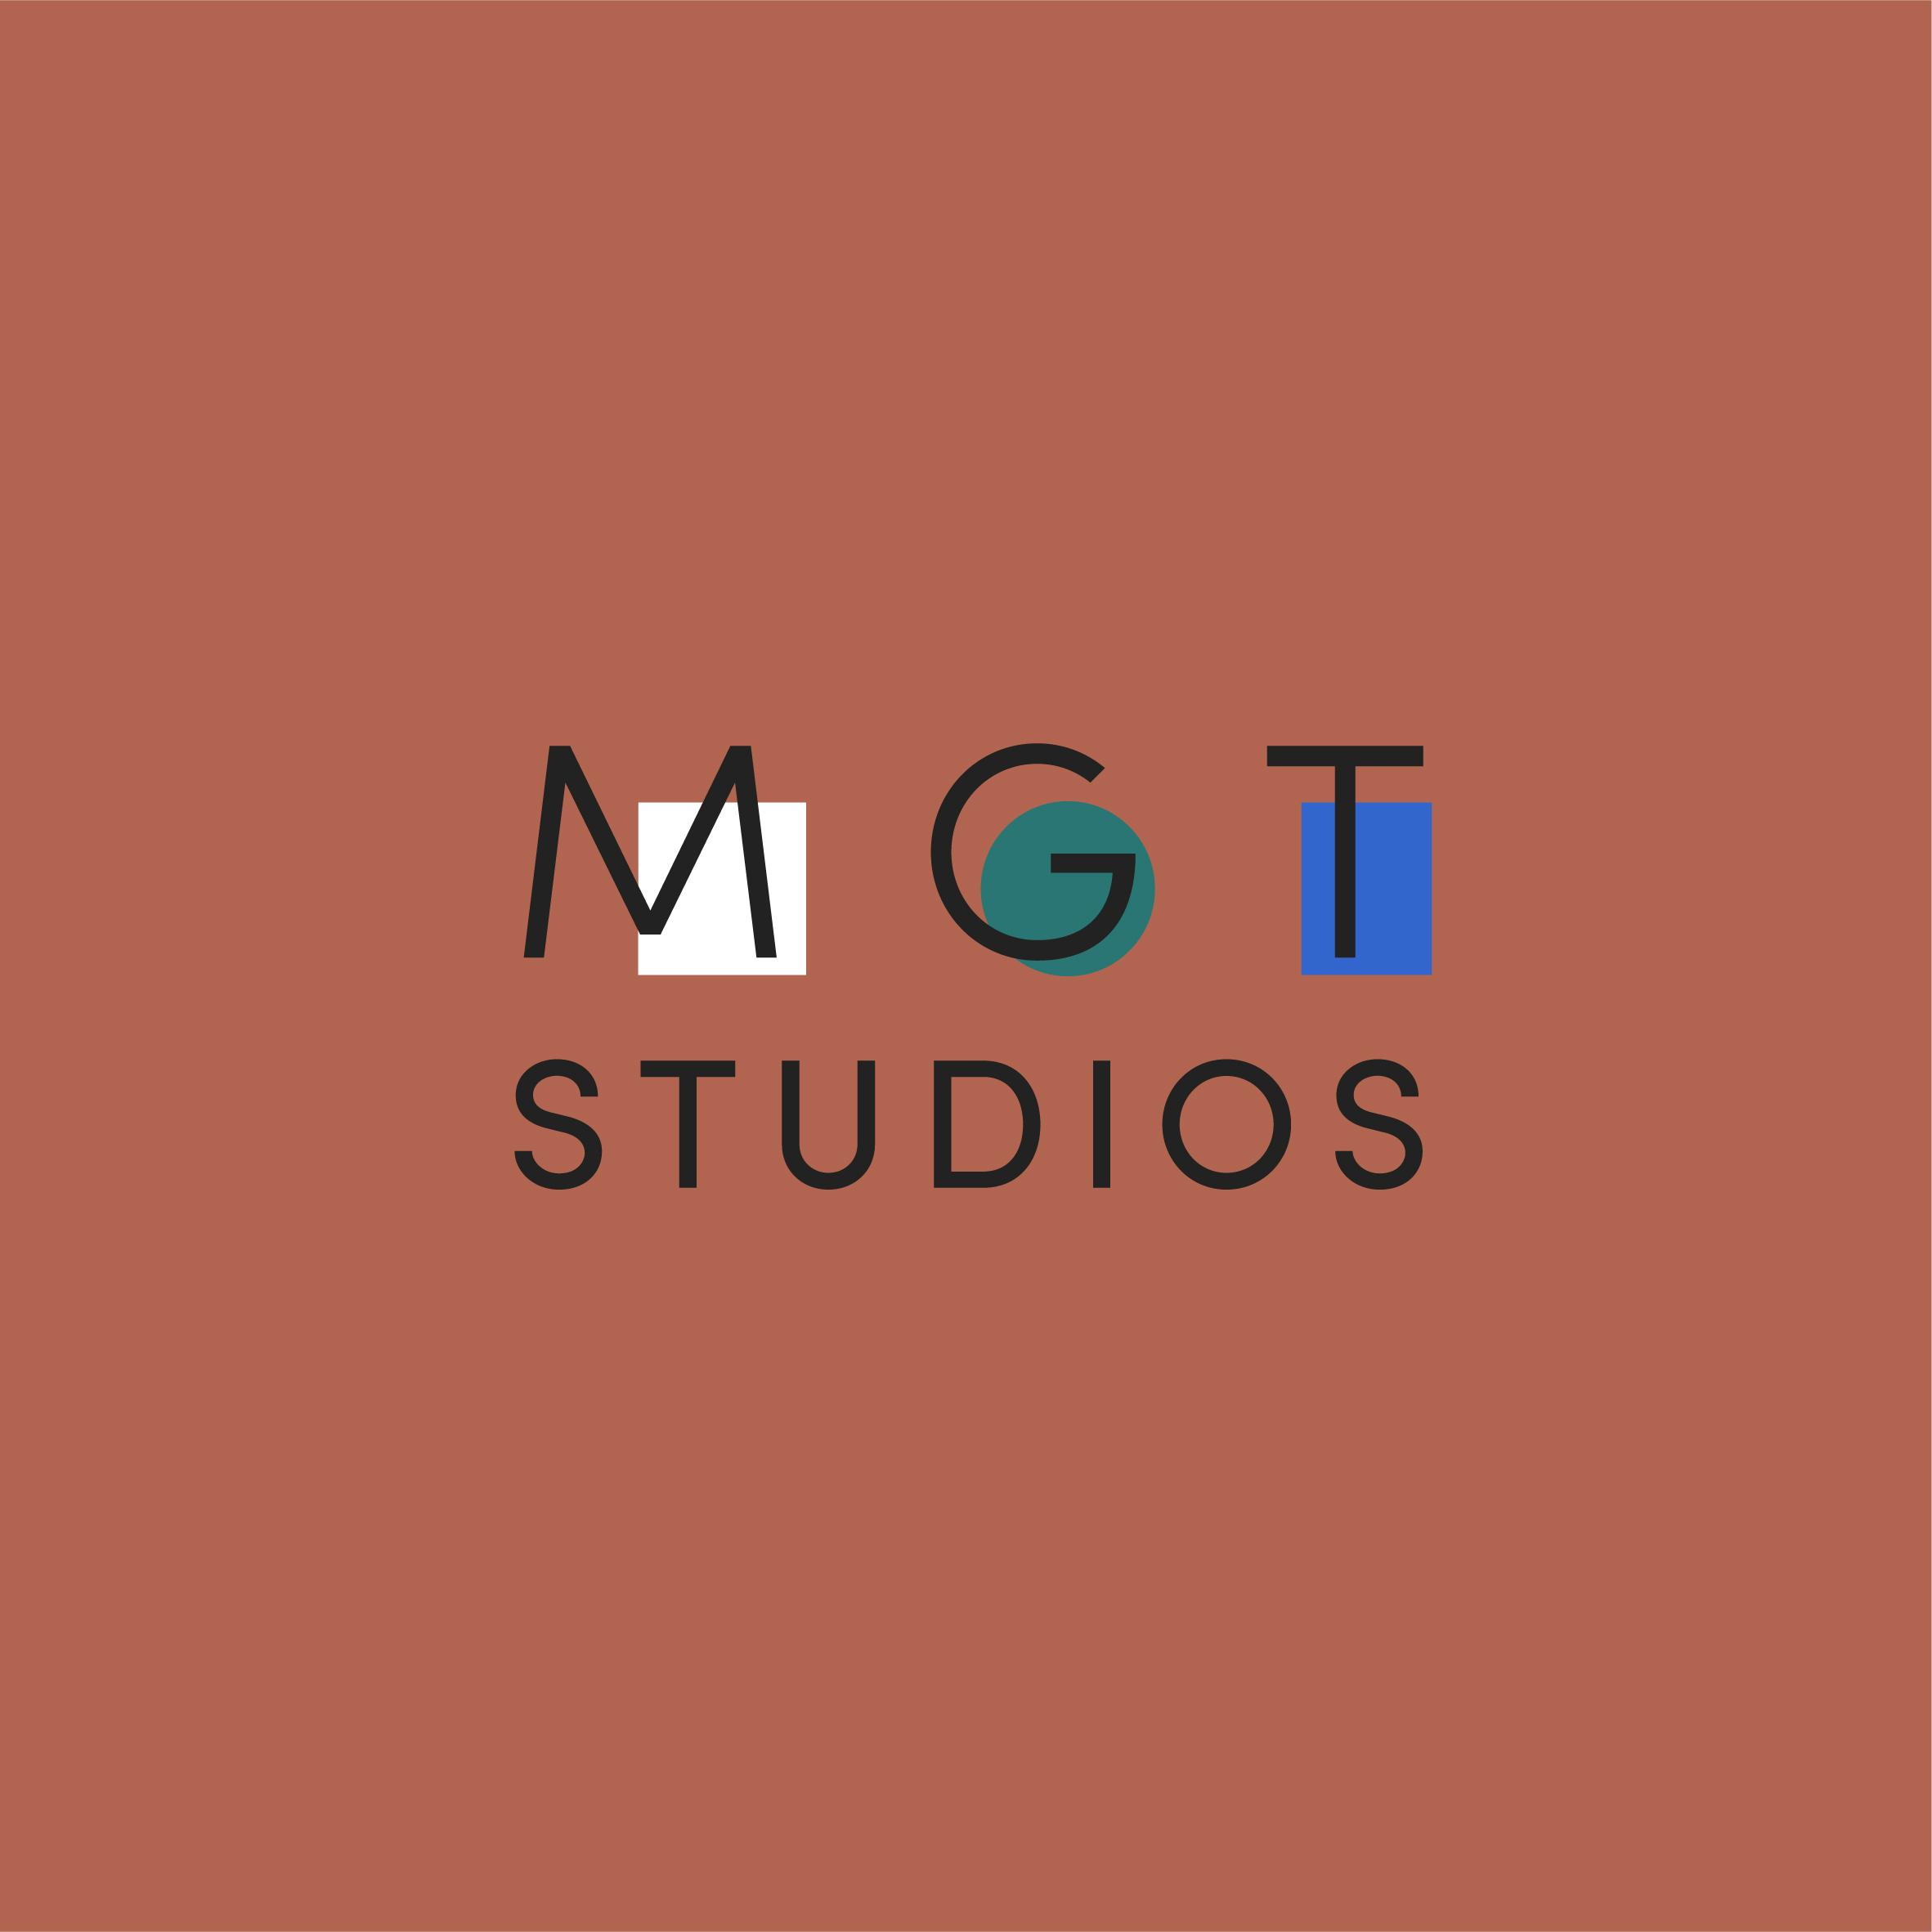 Logo — MGT Studios DEF-19.jpg